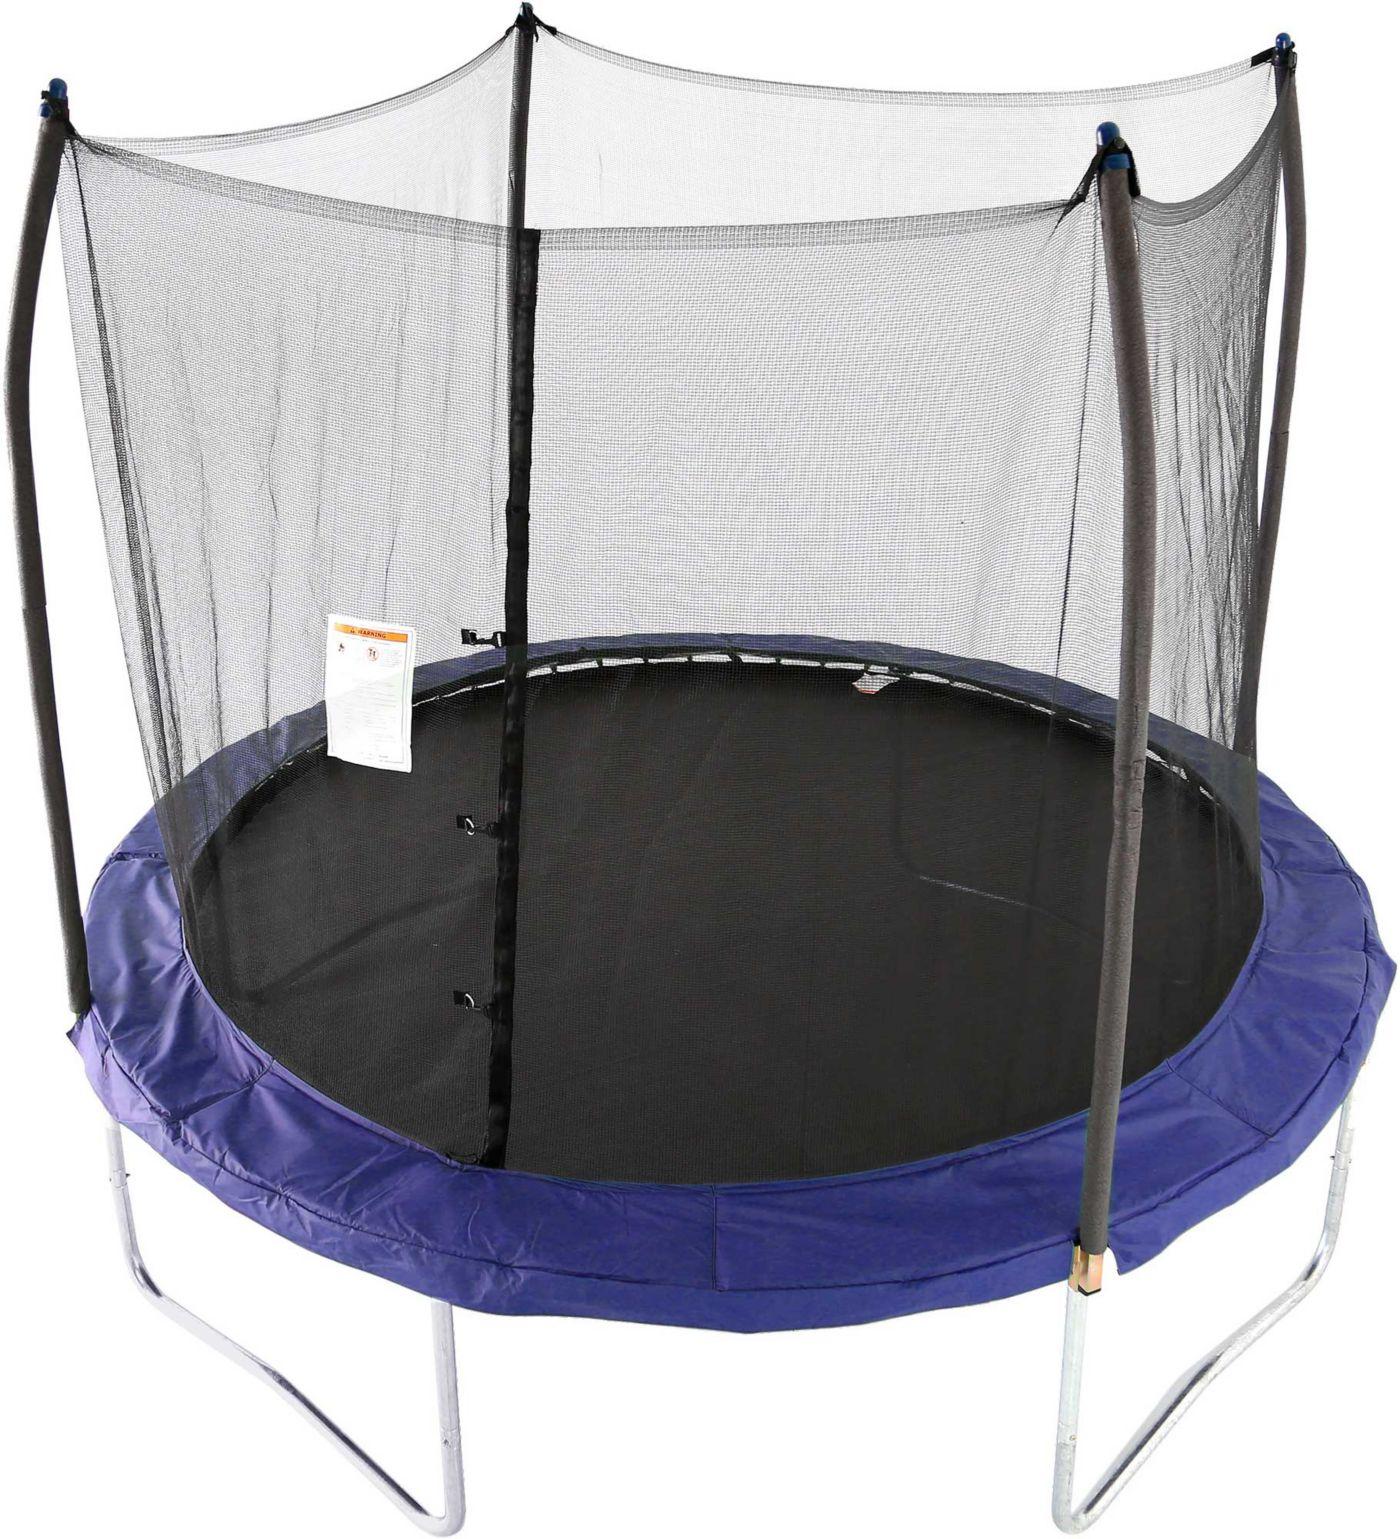 Skywalker Trampolines 10' Round Trampoline with Enclosure